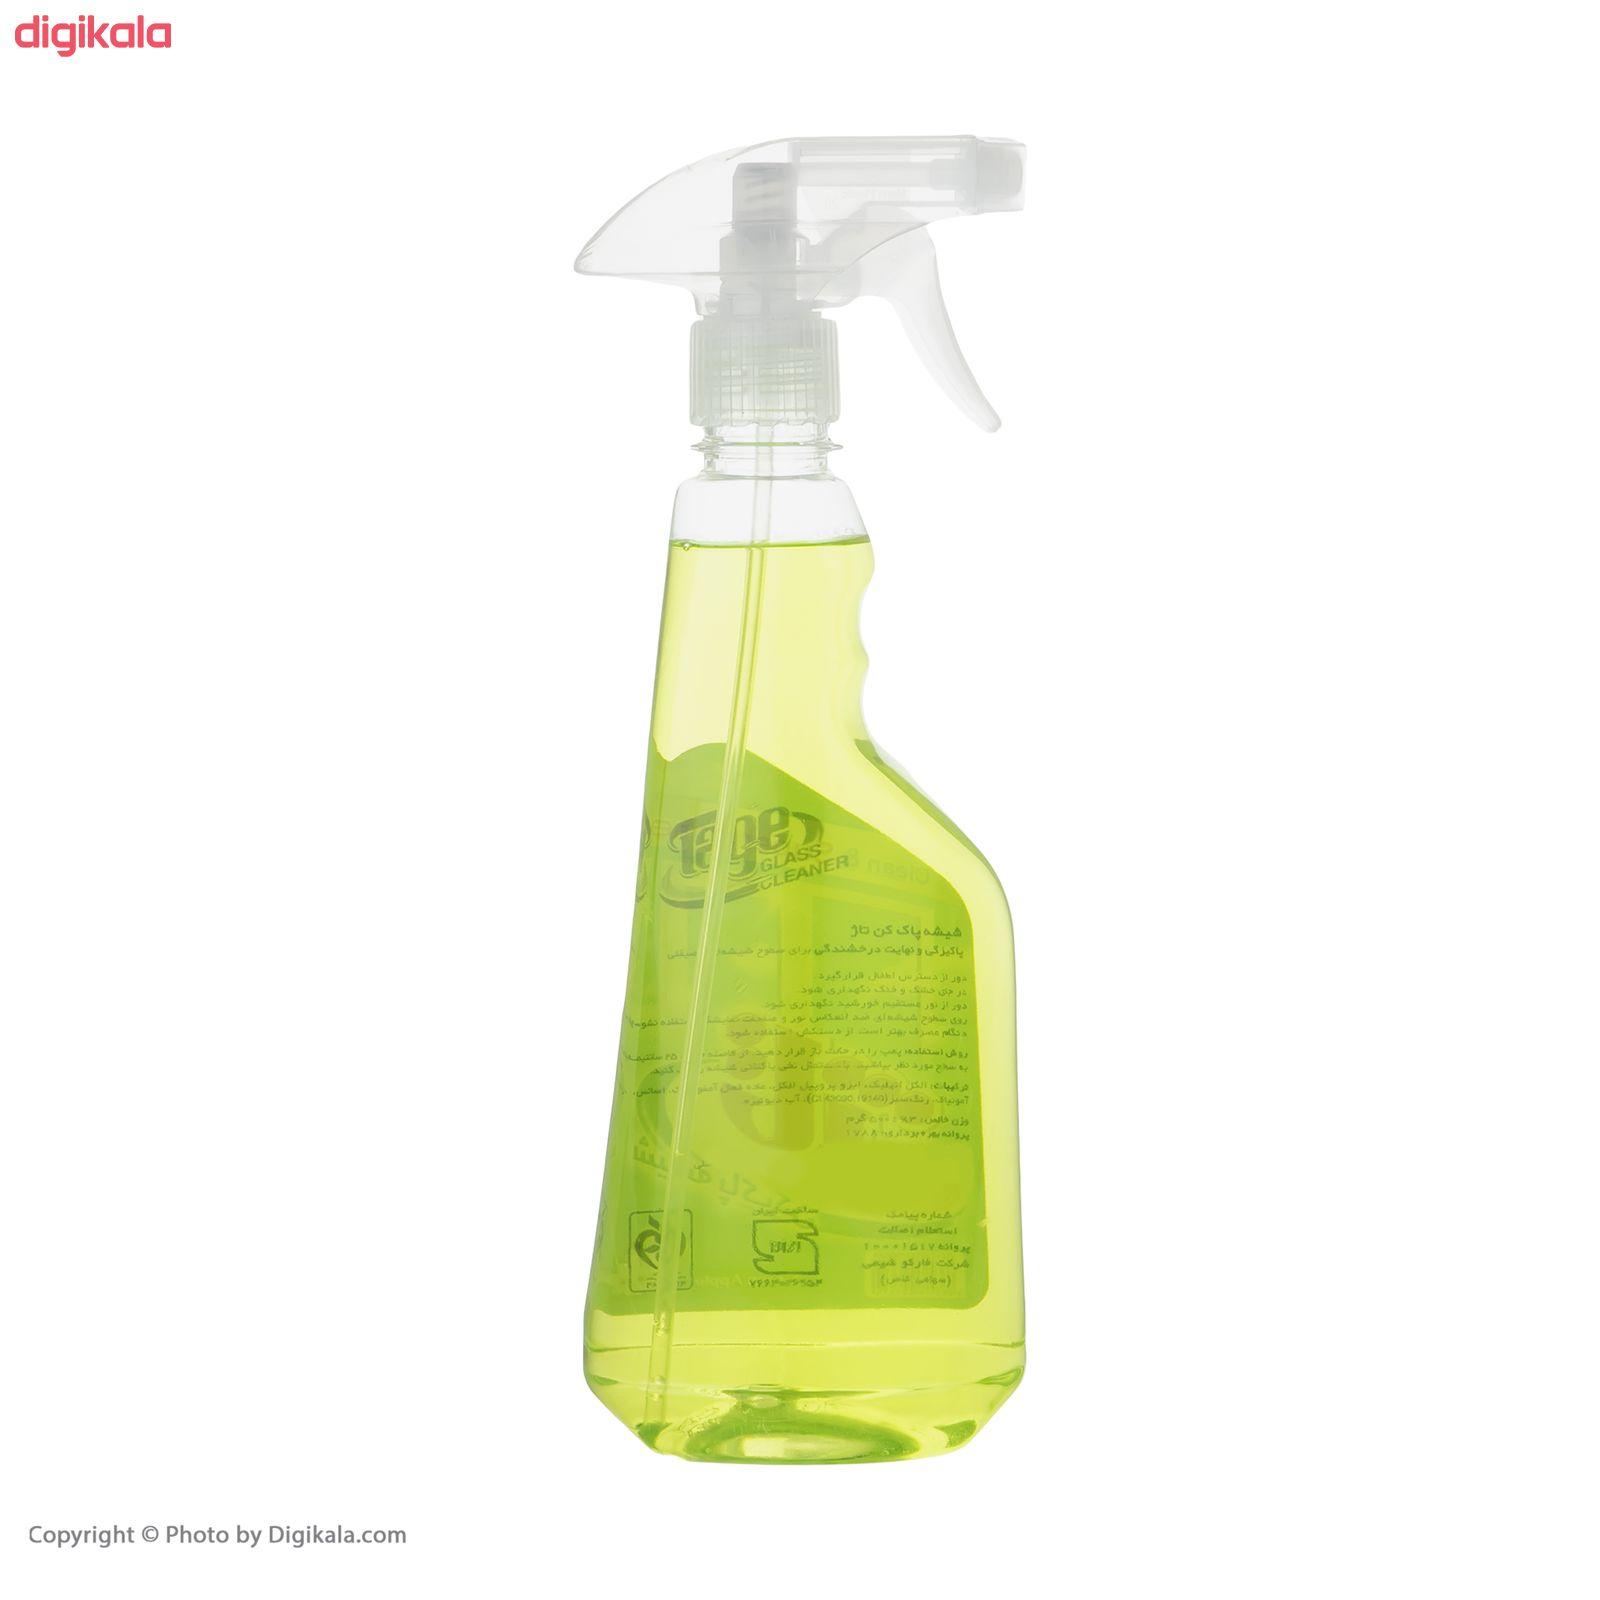 شیشه پاک کن تاژ با رایحه سیب سبز مقدار 500 گرم main 1 2